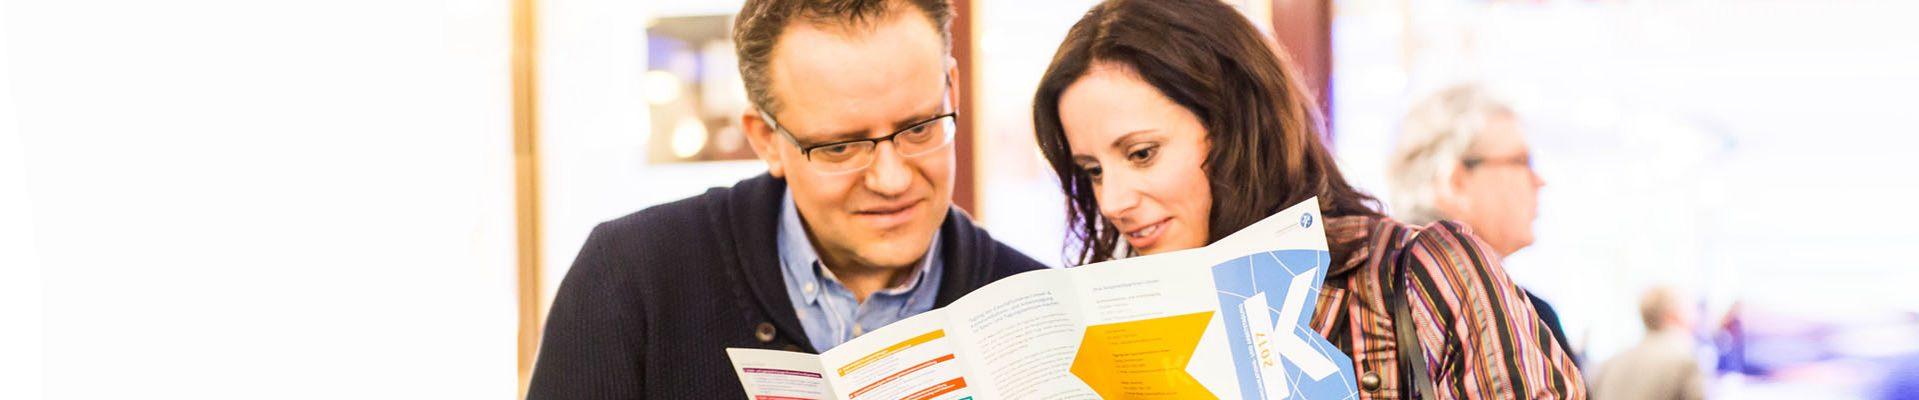 Mann und Frau lesen in einer Broschüre